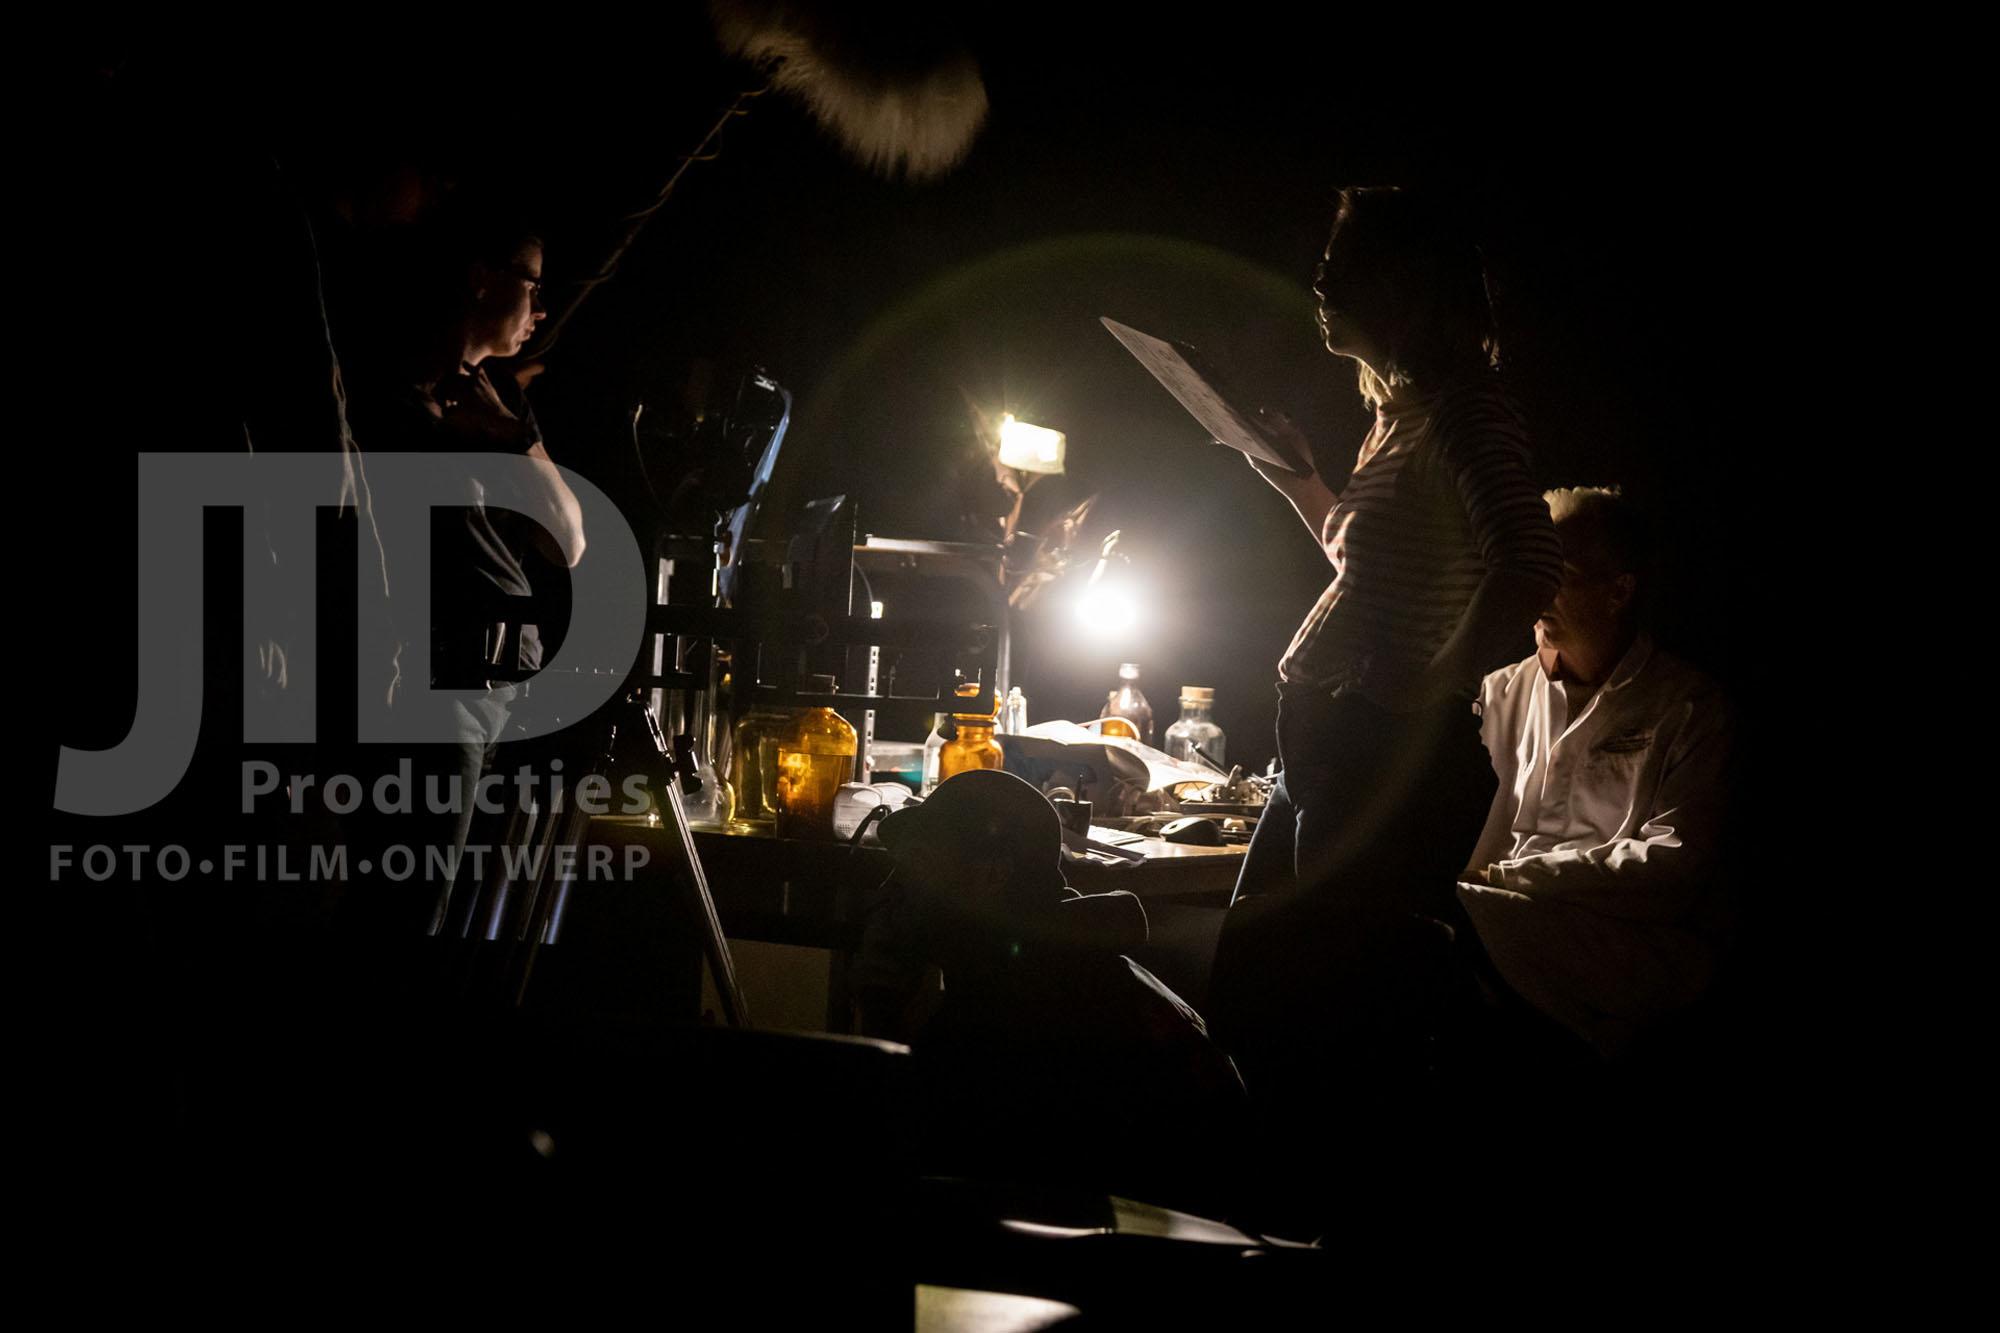 JTD Producties_Setfotografie